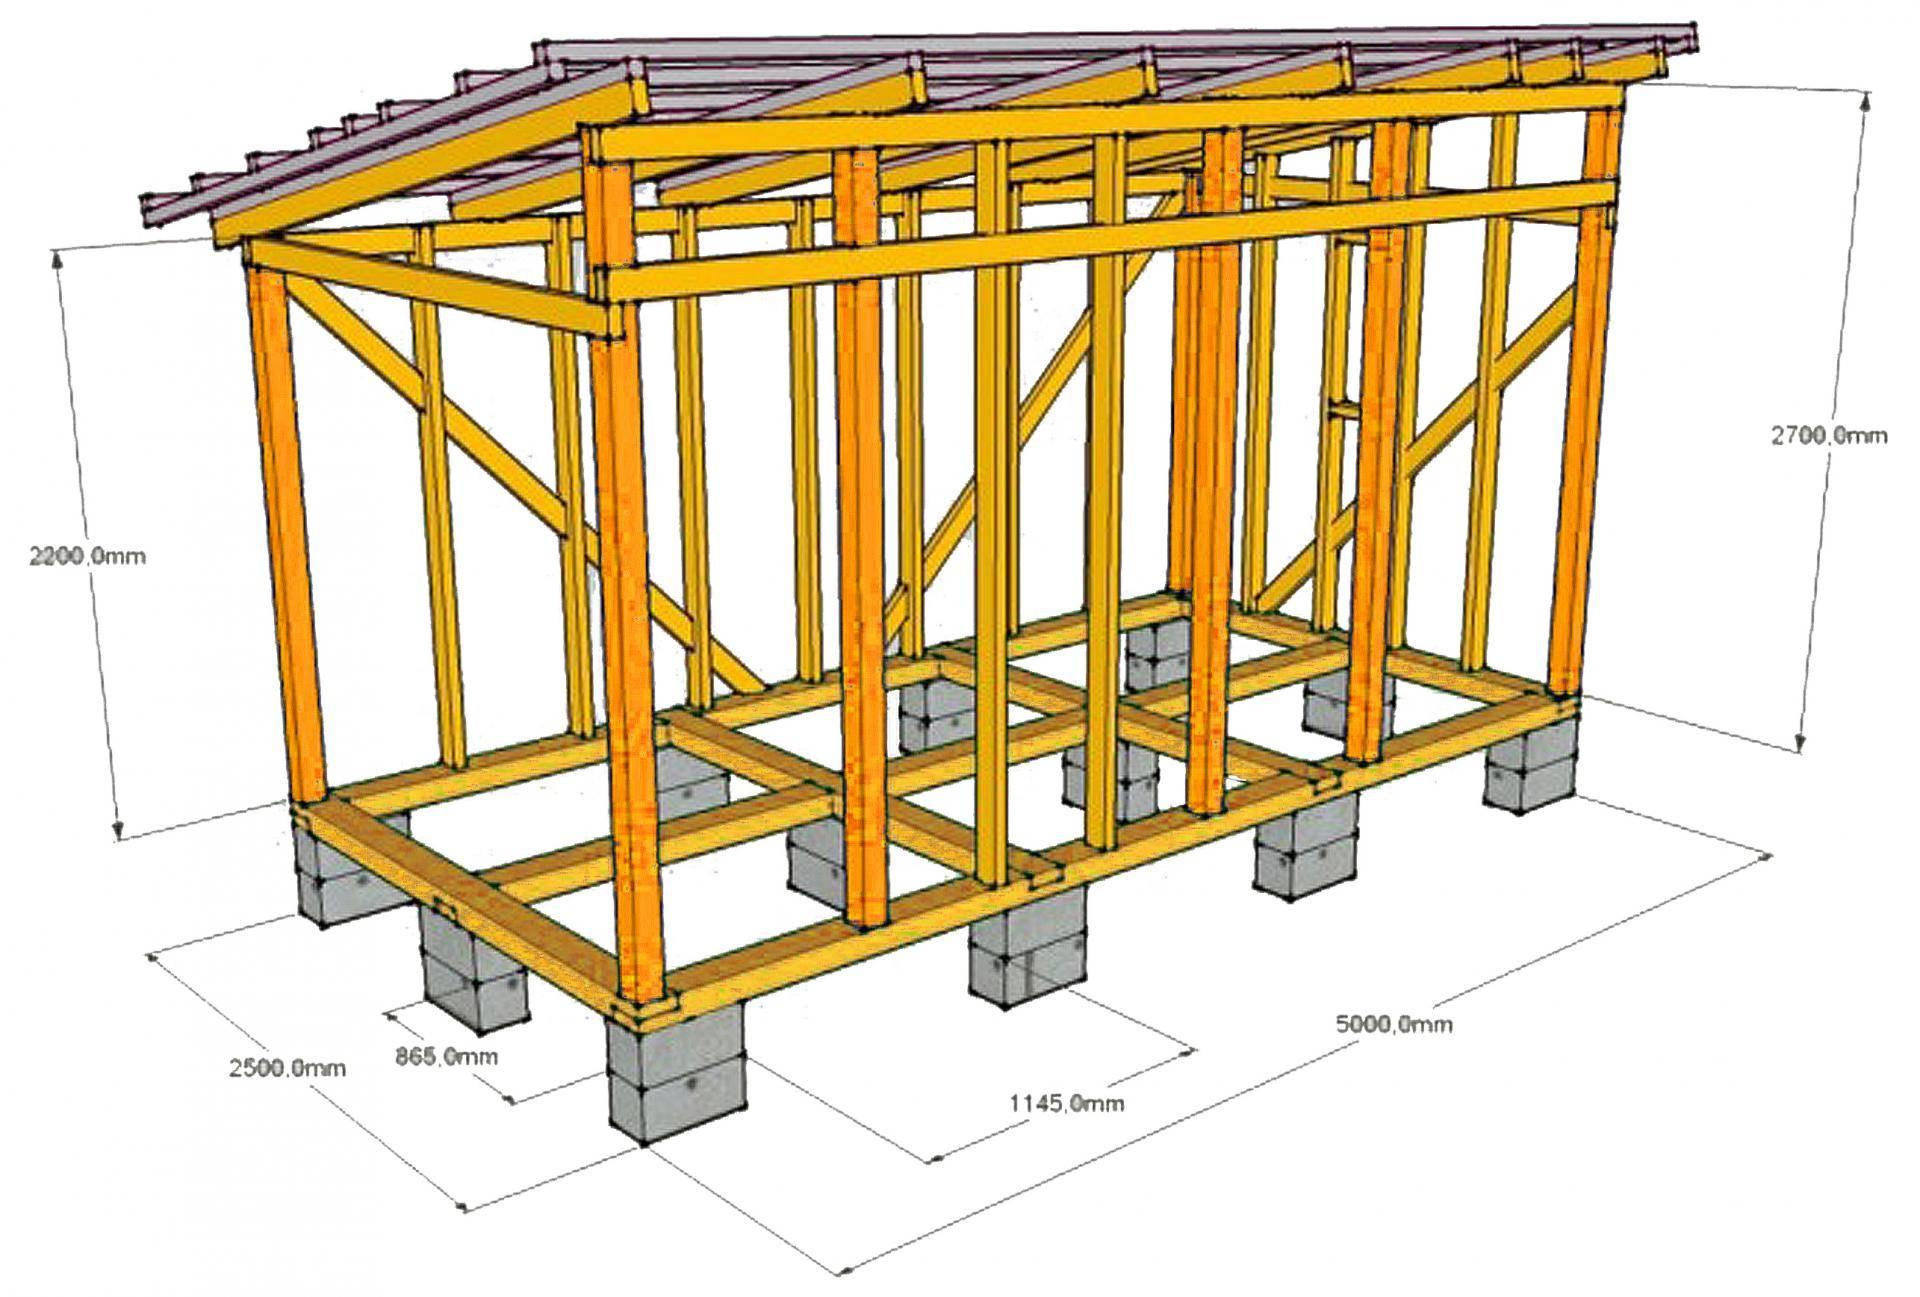 Как сделать хороший сарай на даче своими руками: варианты конструкций, пошаговая технология возведения